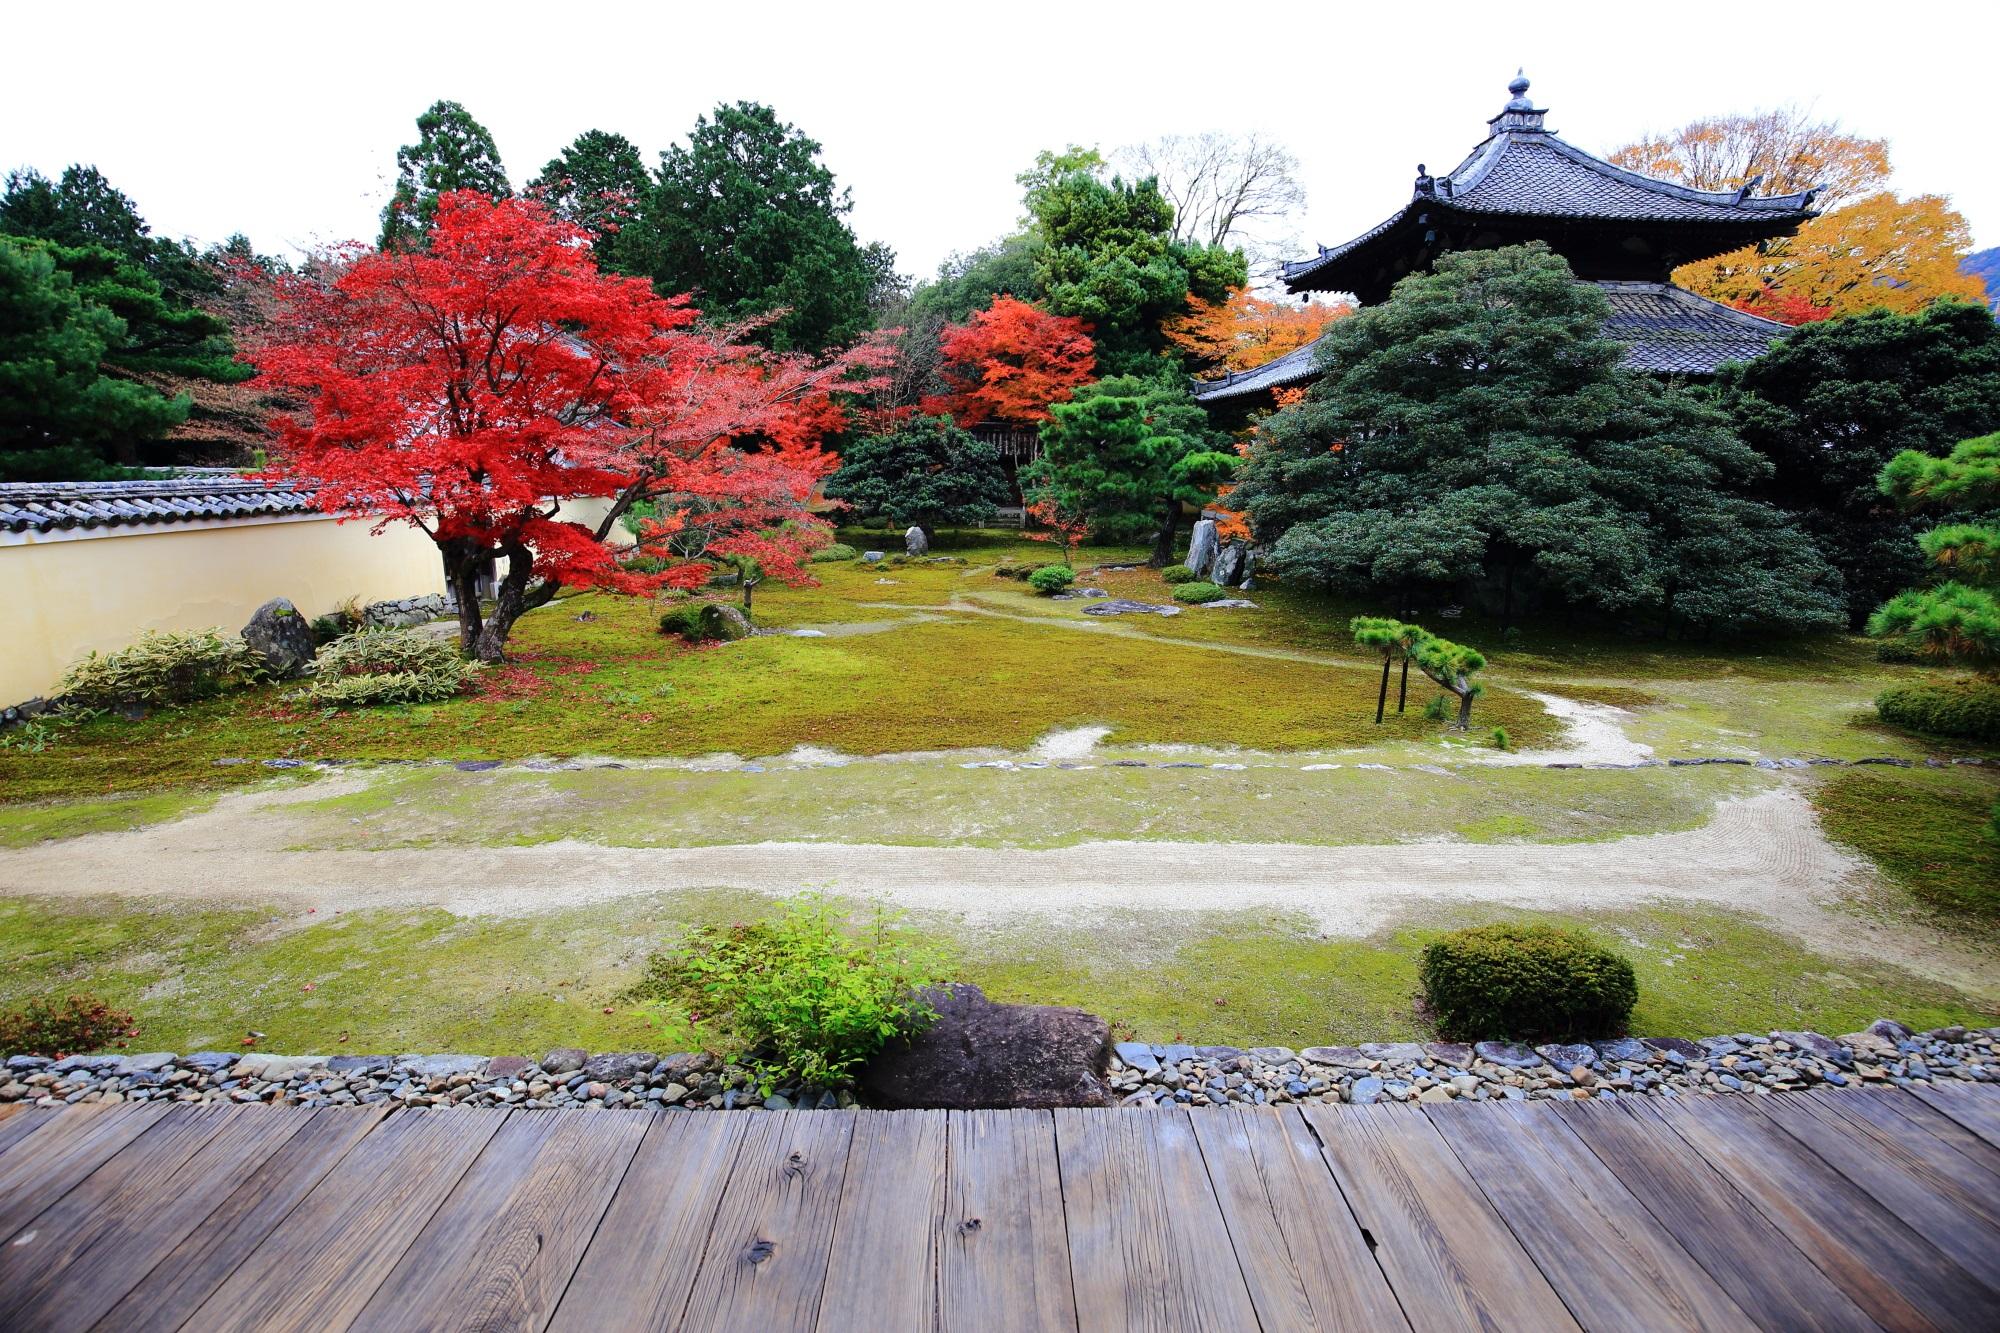 見ごろの紅葉に染まった嵐山の鹿王院の本庭